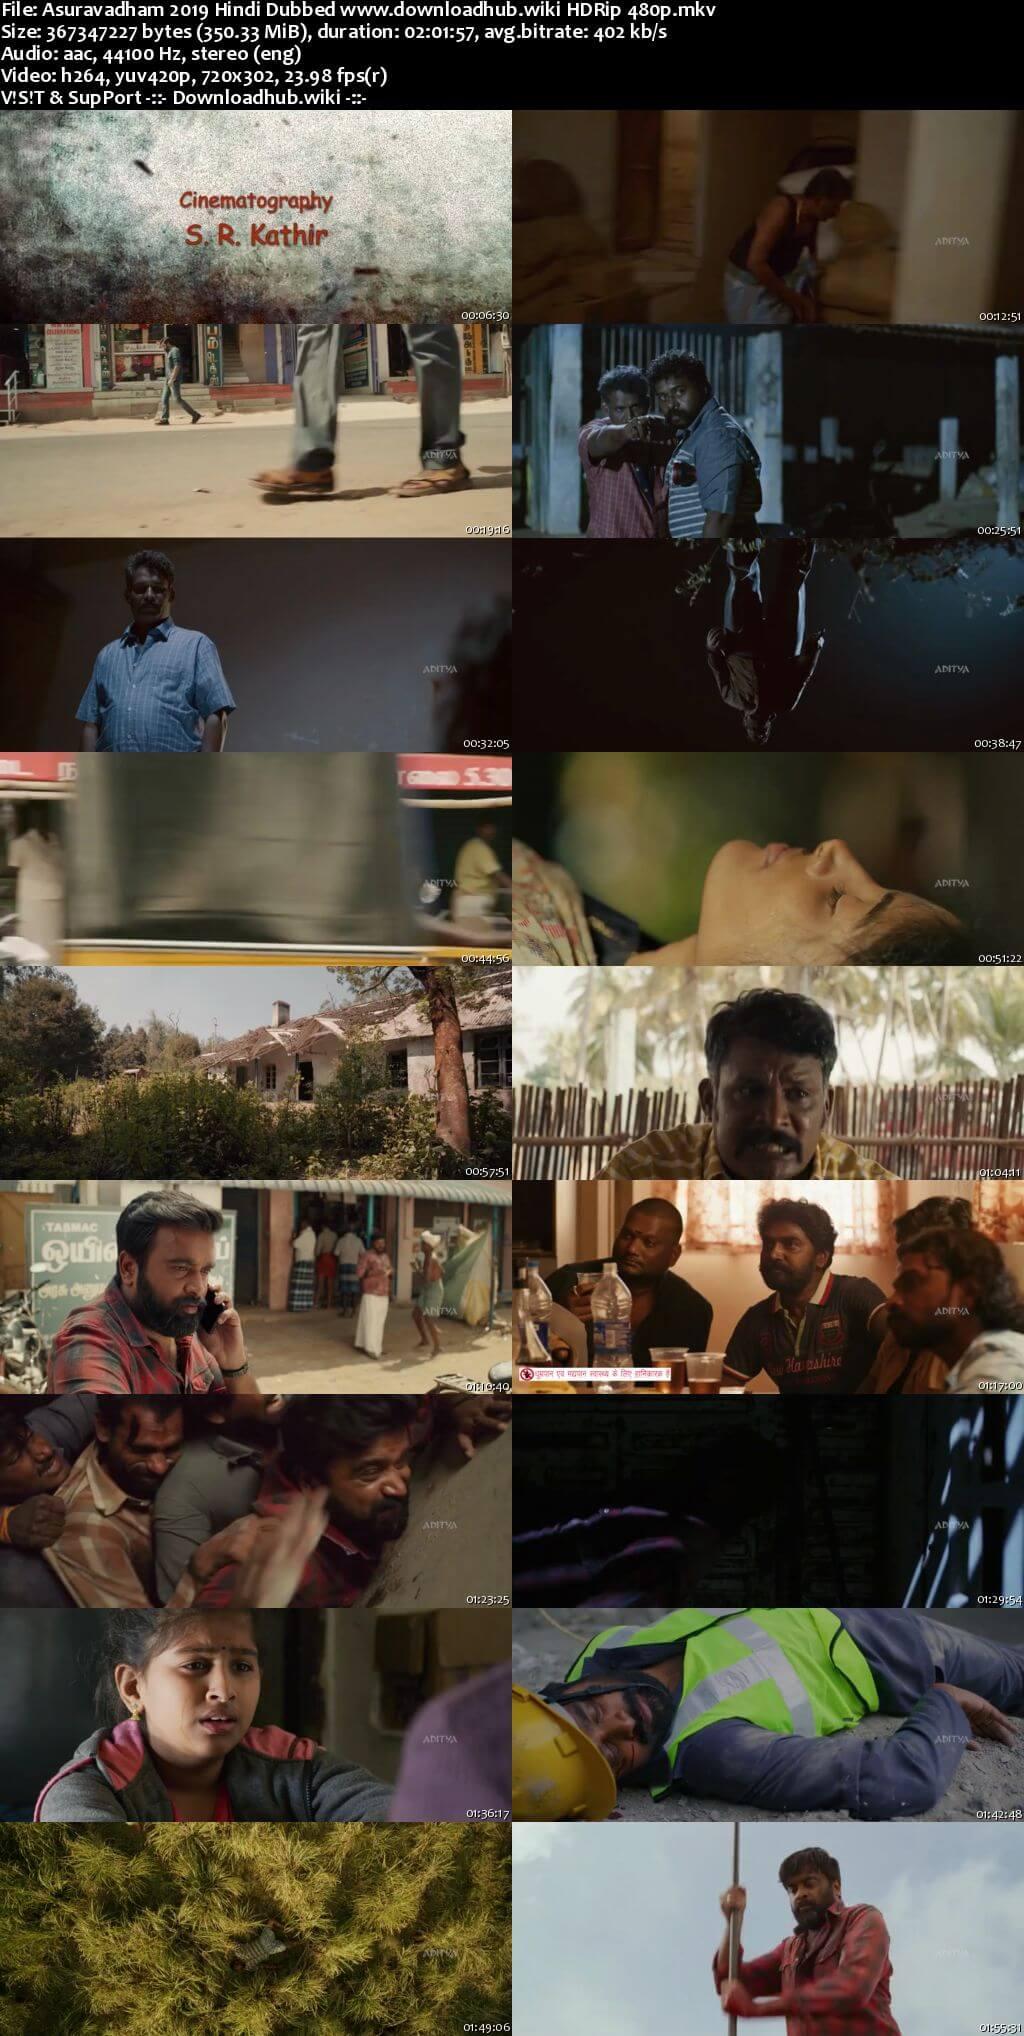 Asuravadham 2019 Hindi Dubbed 350MB HDRip 480p